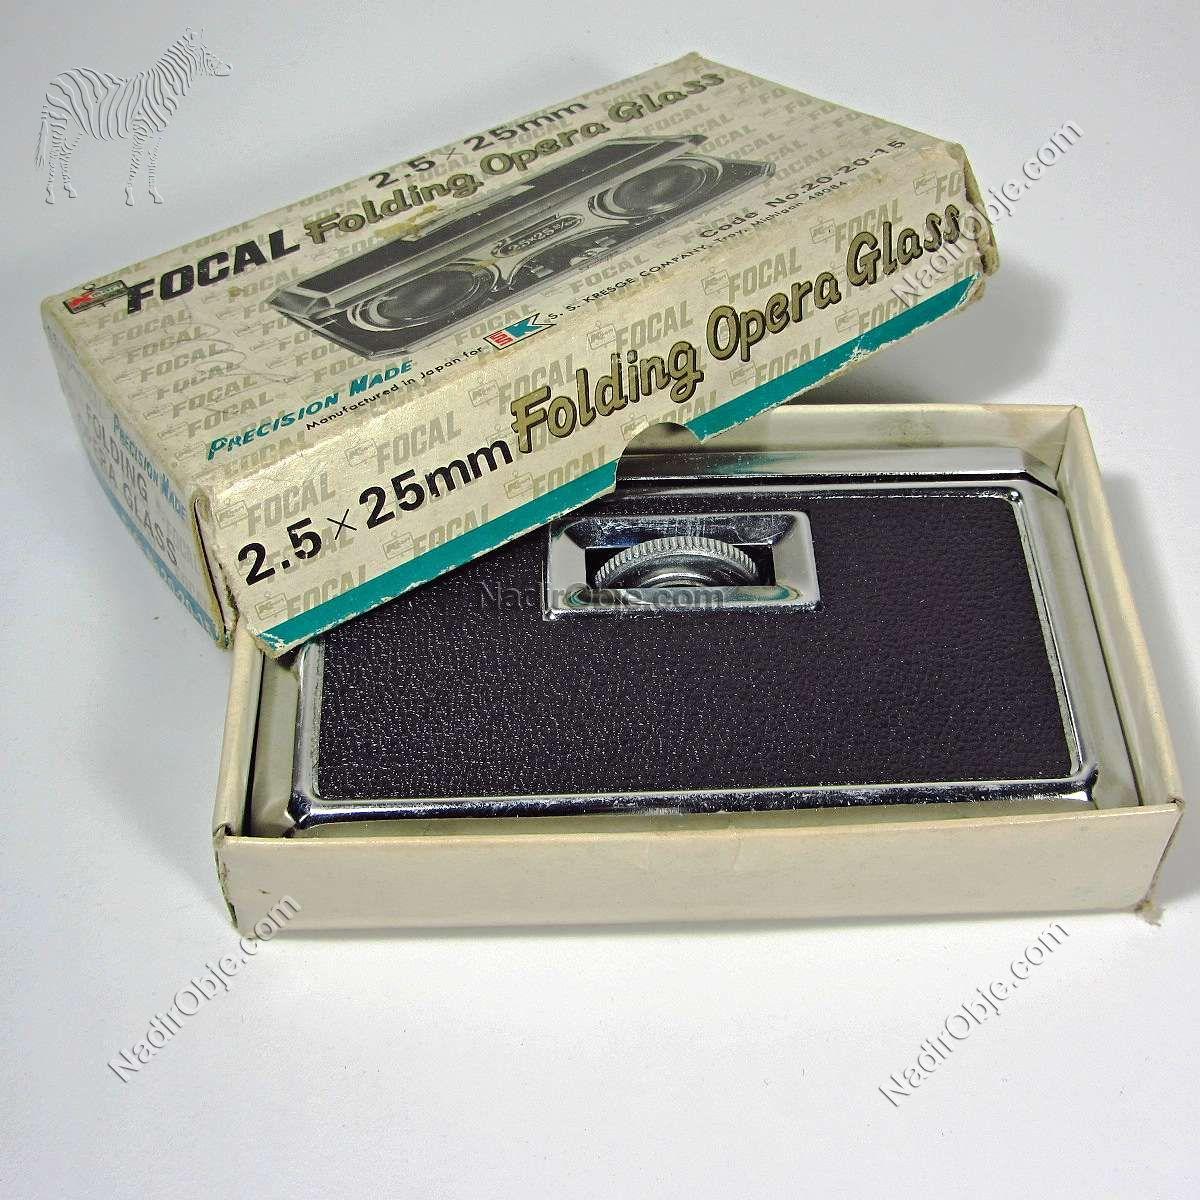 Katlanabilir Opera Dürbünü – N1924 Mekanik-Elektrikli Objeler Dürbün